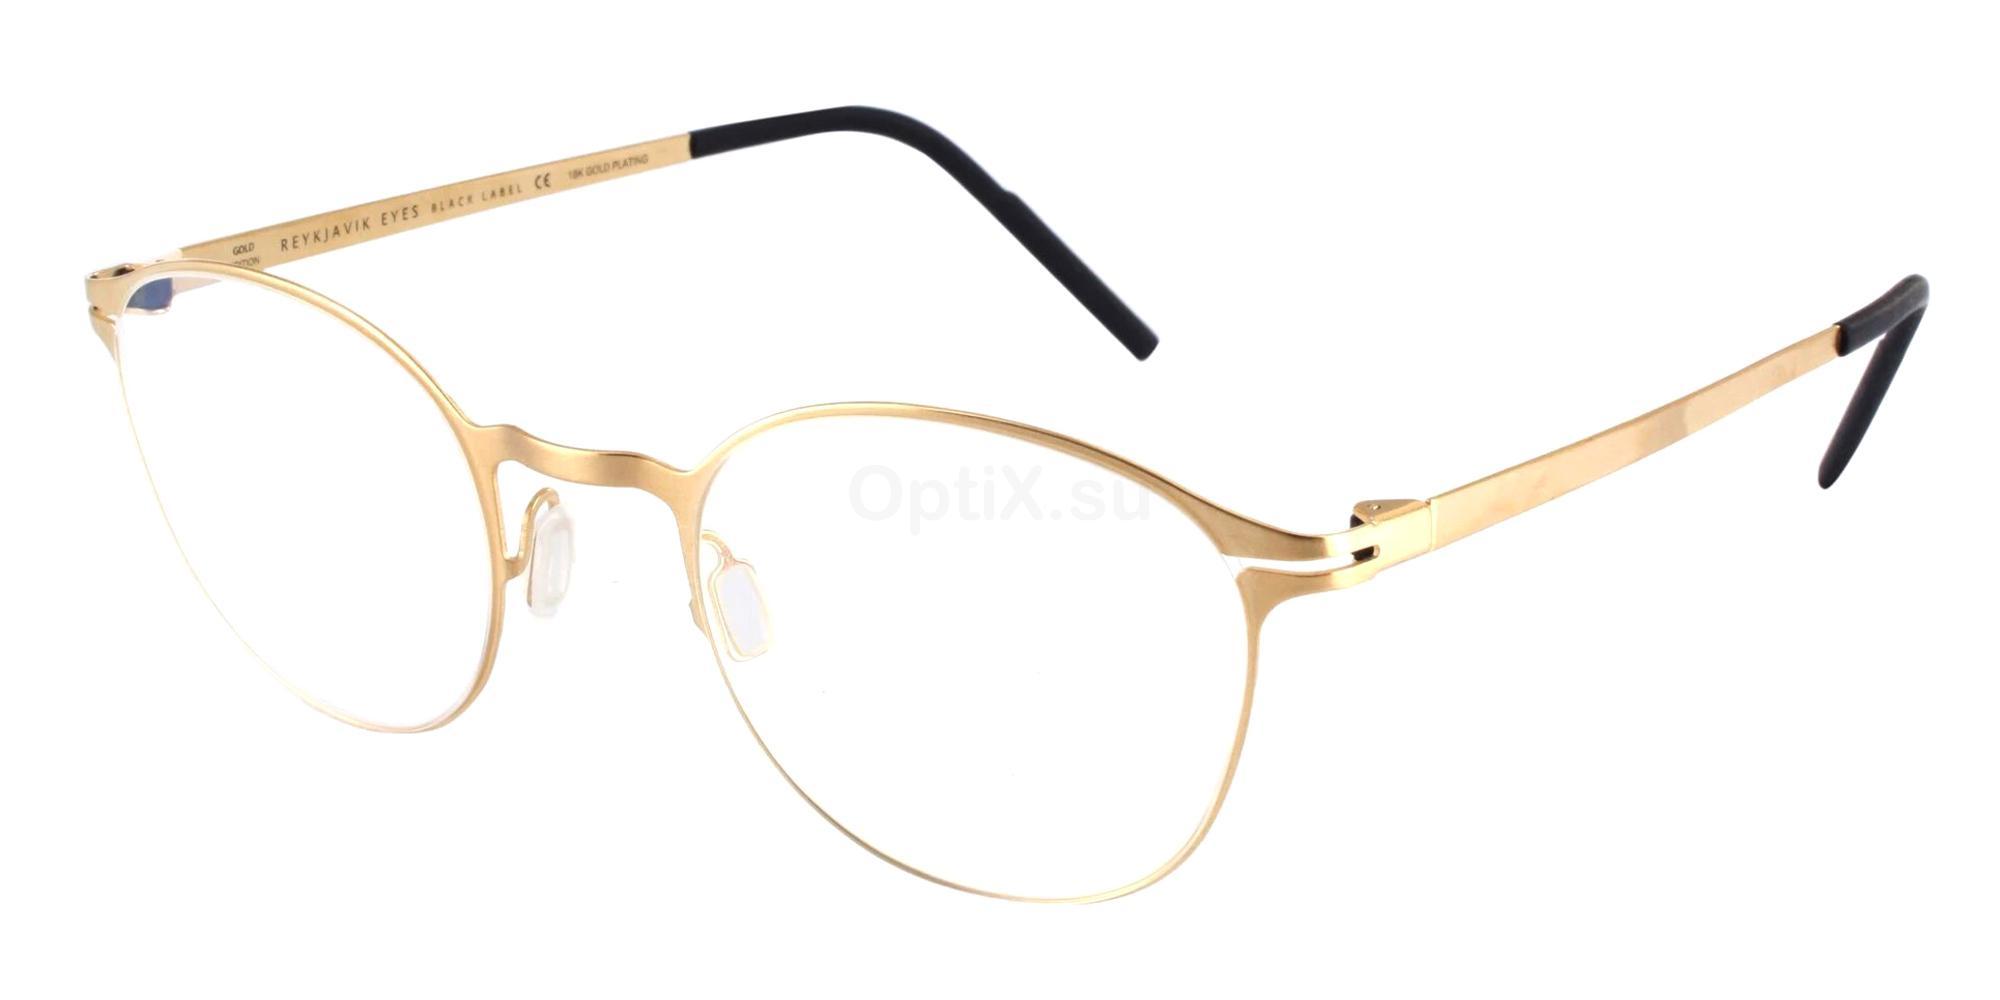 REG/KRA KRAFLA GOLD EDITION Glasses, Reykjavik Eyes Black Label